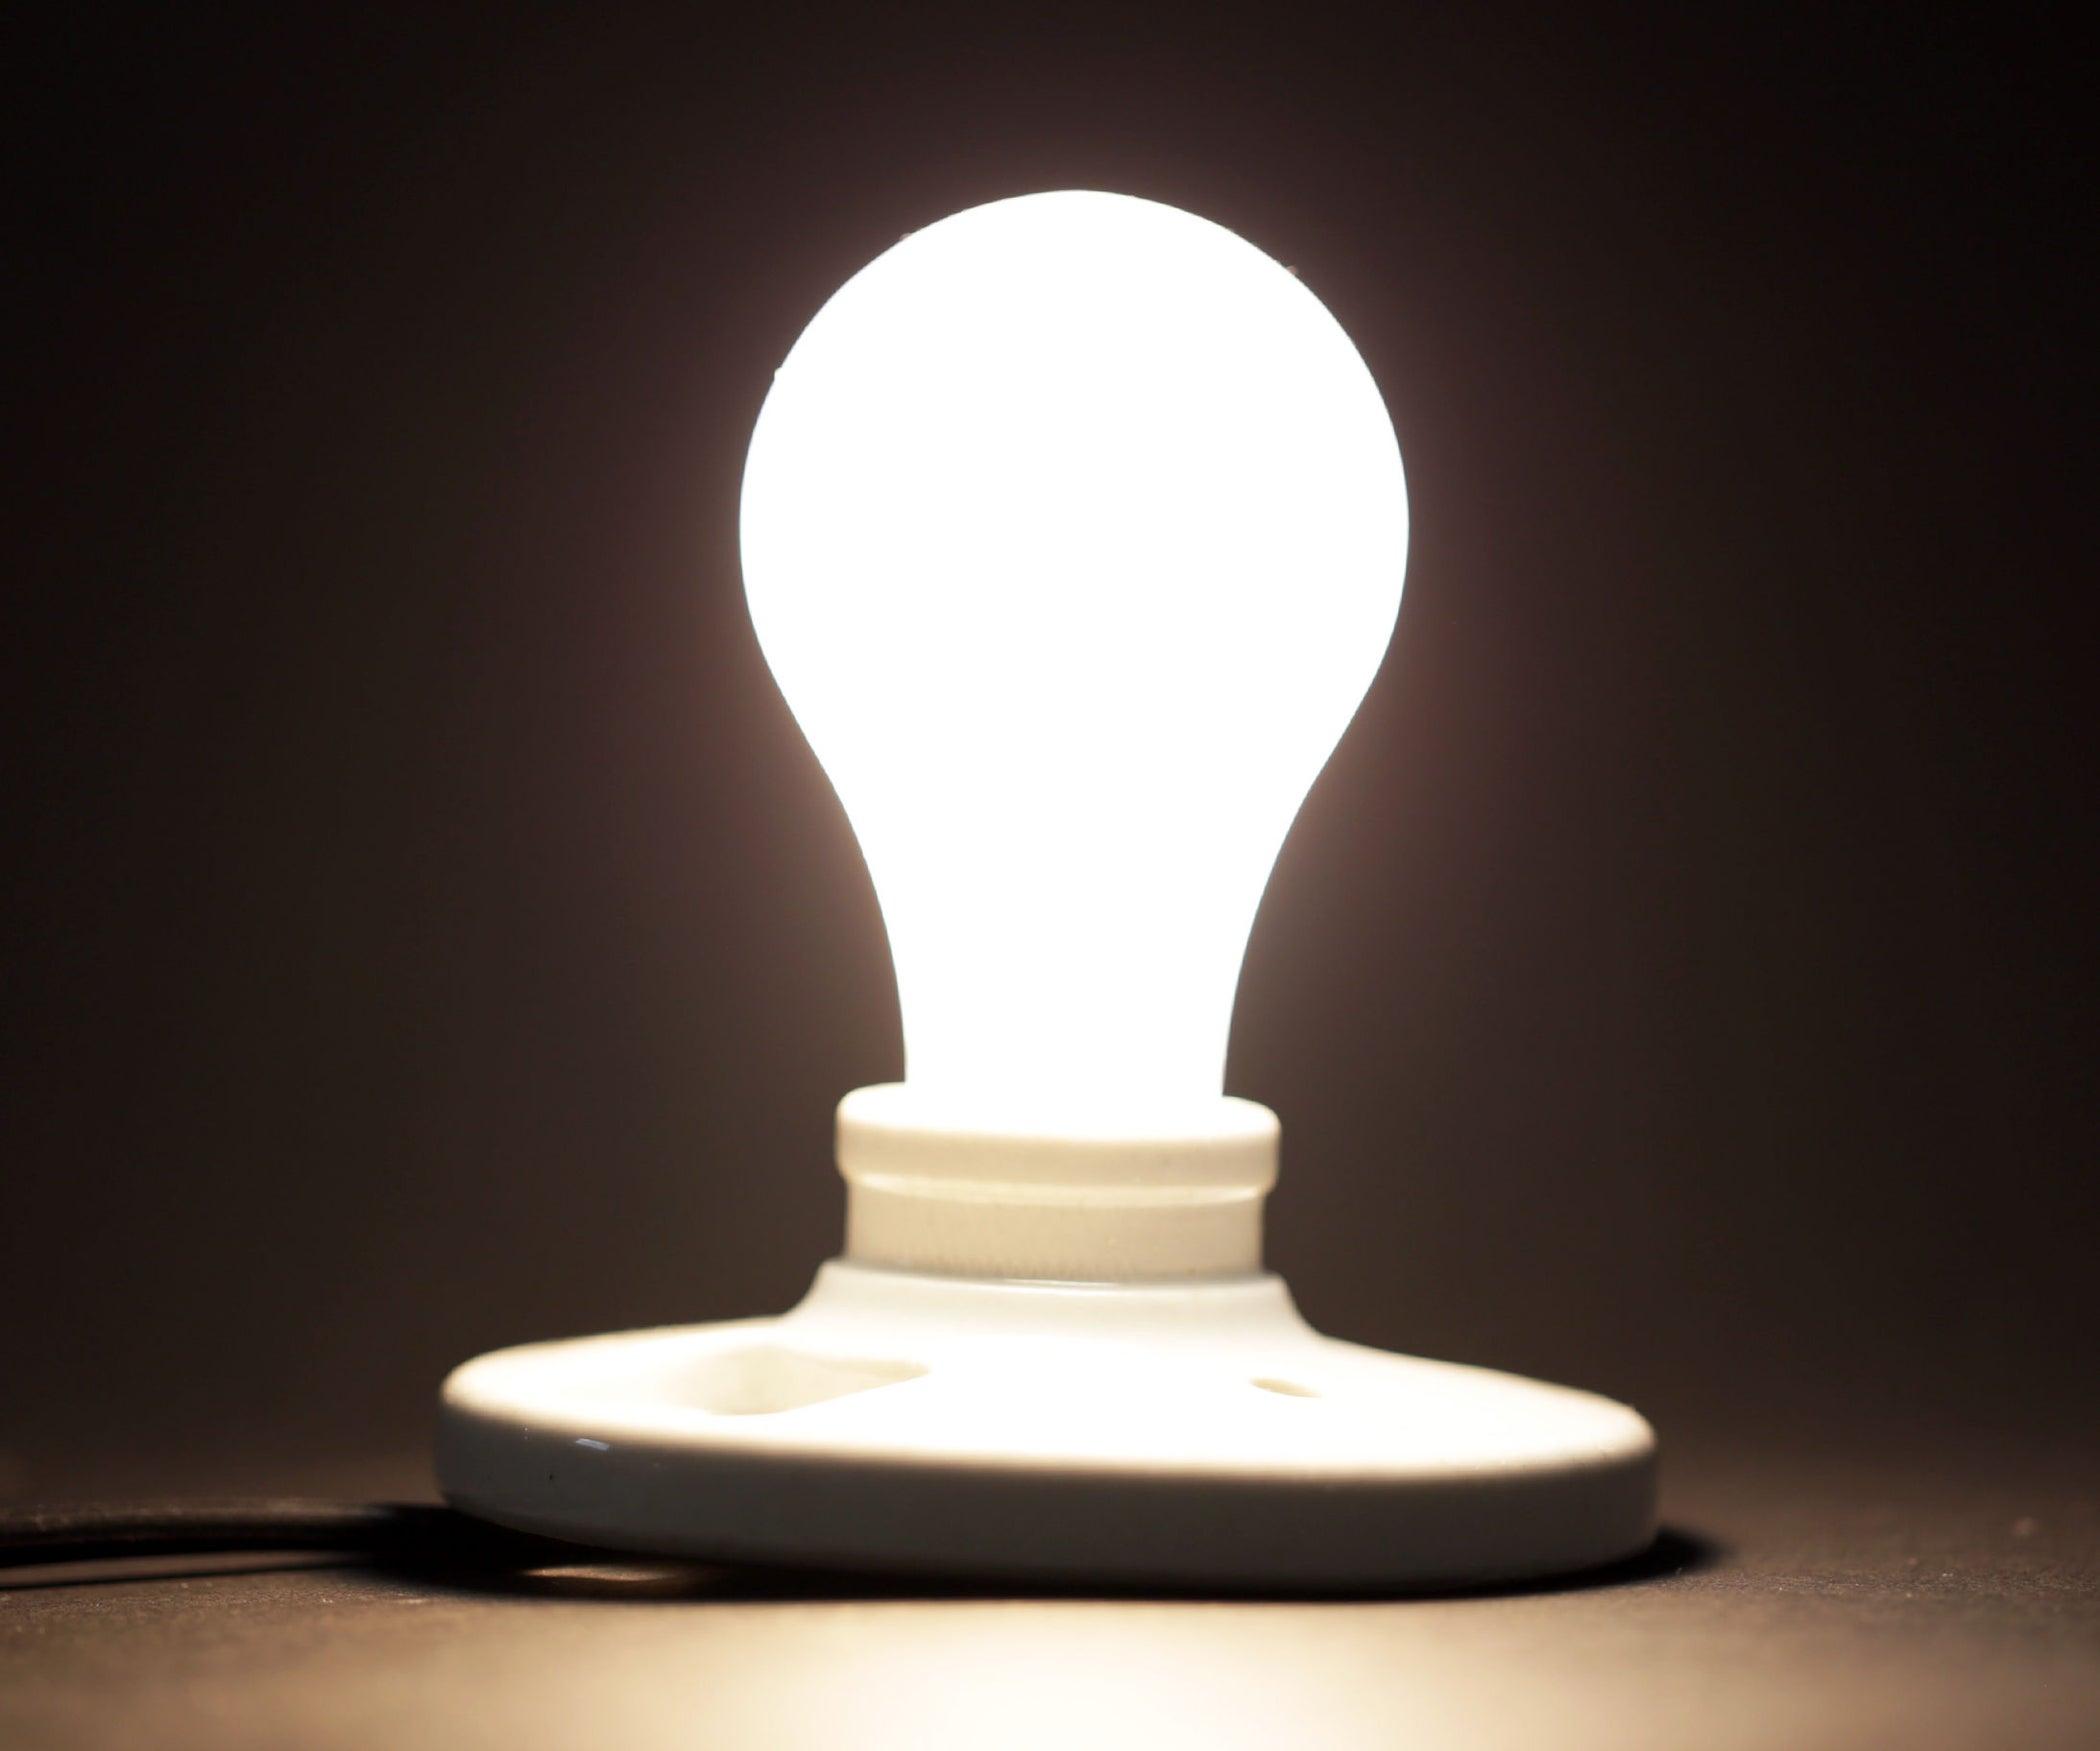 Light Bulbs Circuit For 5v Led Dimmer Touch